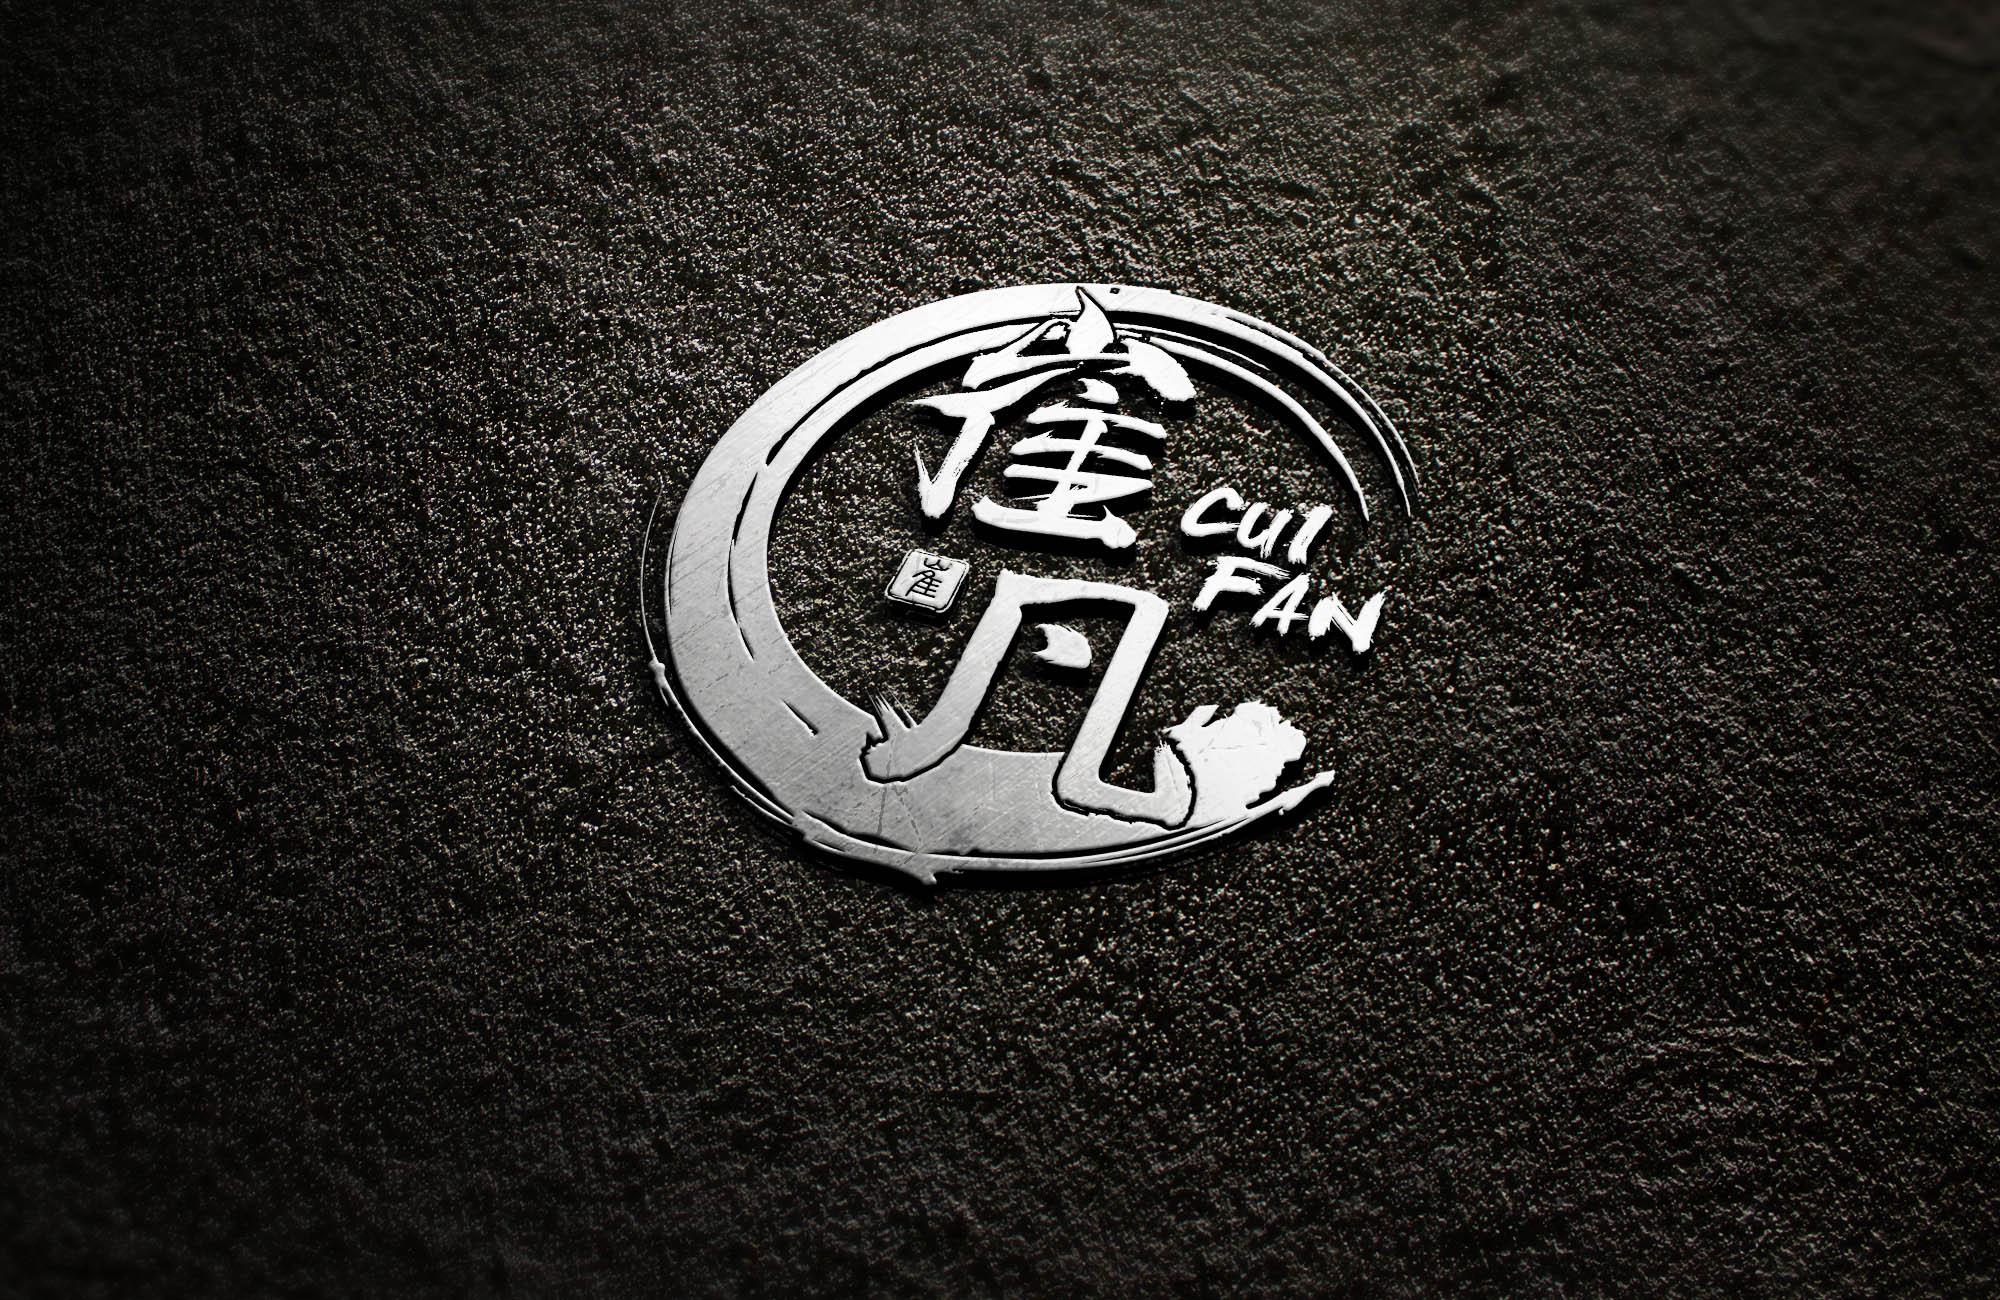 两个字的图案logo_3027251_k68威客网